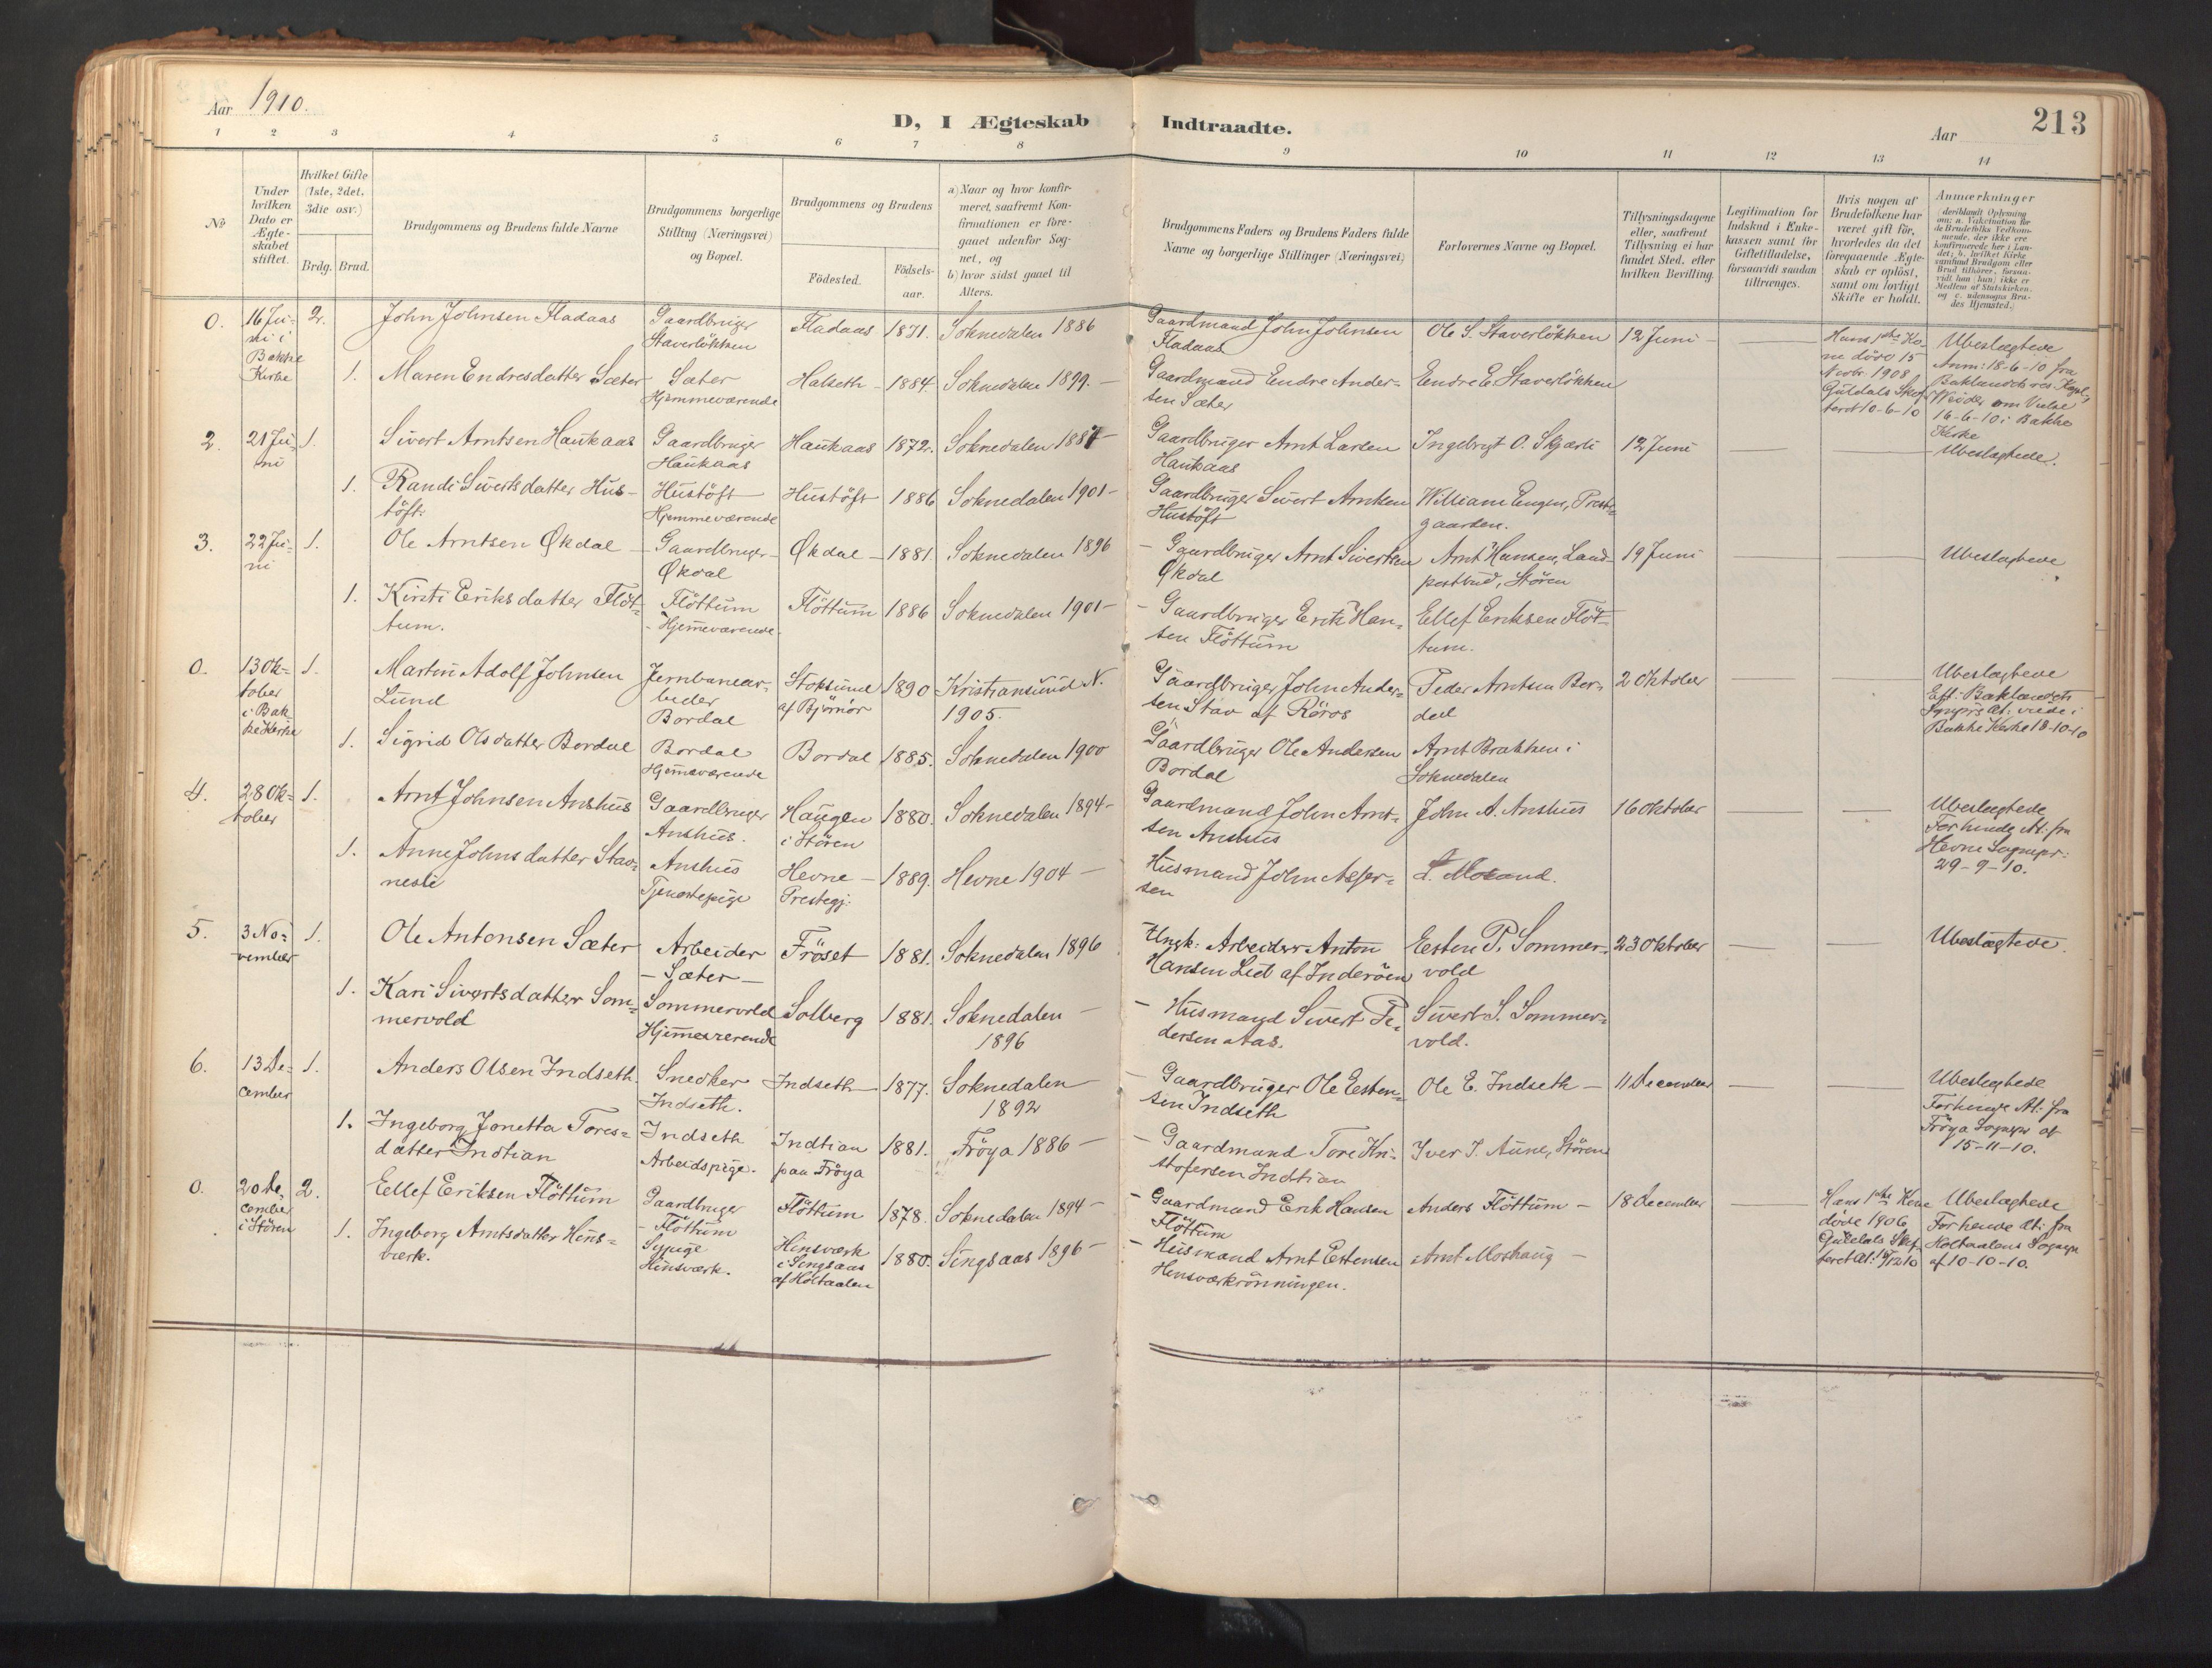 SAT, Ministerialprotokoller, klokkerbøker og fødselsregistre - Sør-Trøndelag, 689/L1041: Ministerialbok nr. 689A06, 1891-1923, s. 213